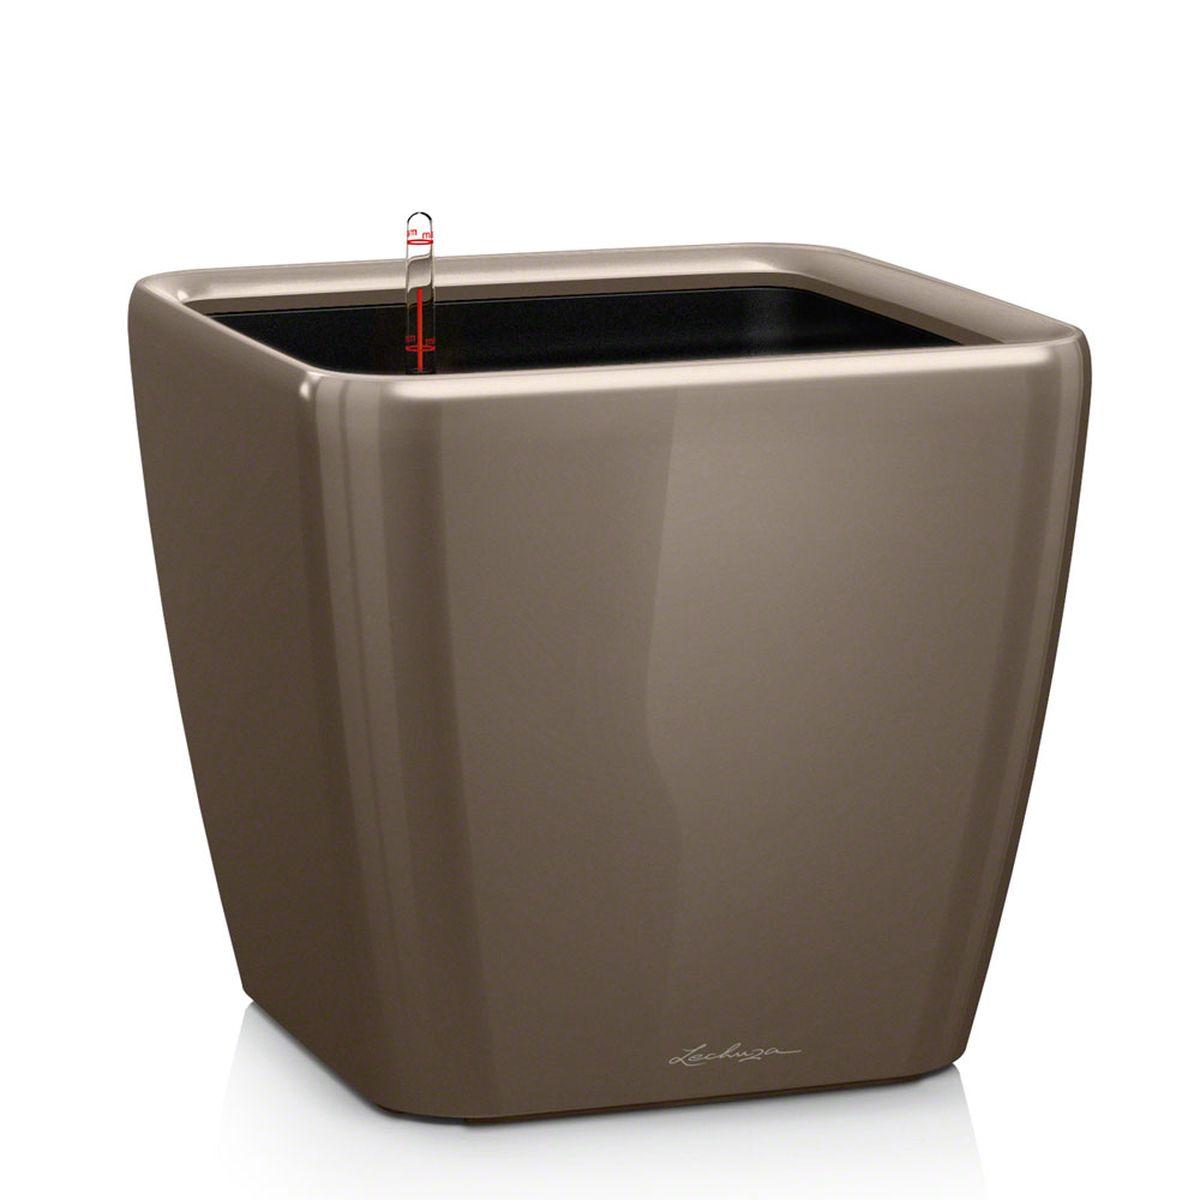 Кашпо Lechuza Quadro, с системой автополива, цвет: серо-коричневый, 28 х 28 х 26 смZ-0307Кашпо Lechuza Quadro, выполненное из высококачественного пластика, имеет уникальную систему автополива, благодаря которой корневая система растения непрерывно снабжается влагой из резервуара. Уровень воды в резервуаре контролируется с помощью специального индикатора. В зависимости от размера кашпо и растения воды хватает на 2-12 недель. Это способствует хорошему росту цветов и предотвращает переувлажнение.В набор входит: кашпо, внутренний горшок с выдвижной эргономичной ручкой, индикатор уровня воды, вал подачи воды, субстрат растений в качестве дренажного слоя, резервуар для воды.Кашпо Lechuza Quadro прекрасно впишется в любой интерьер. Оно поможет расставить нужные акценты, а также придаст помещению вид, соответствующий вашим представлениям.